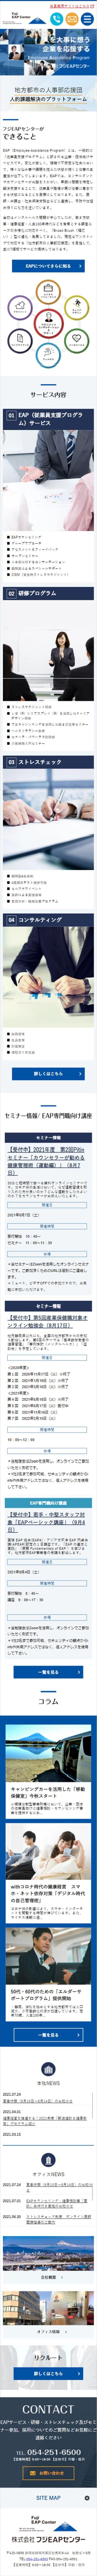 Fuji EAP Center